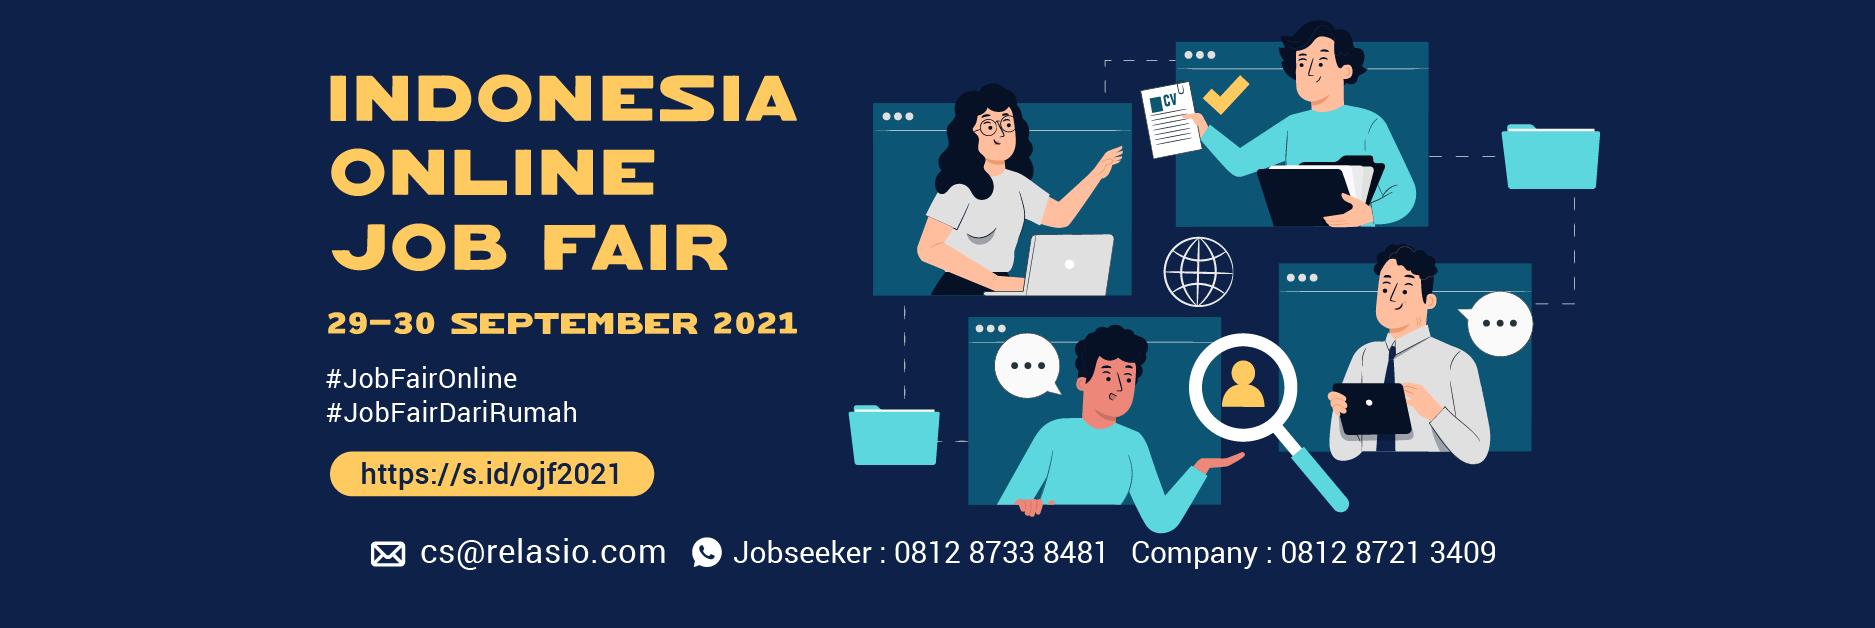 Job Fair Online Relasio.com September 2021